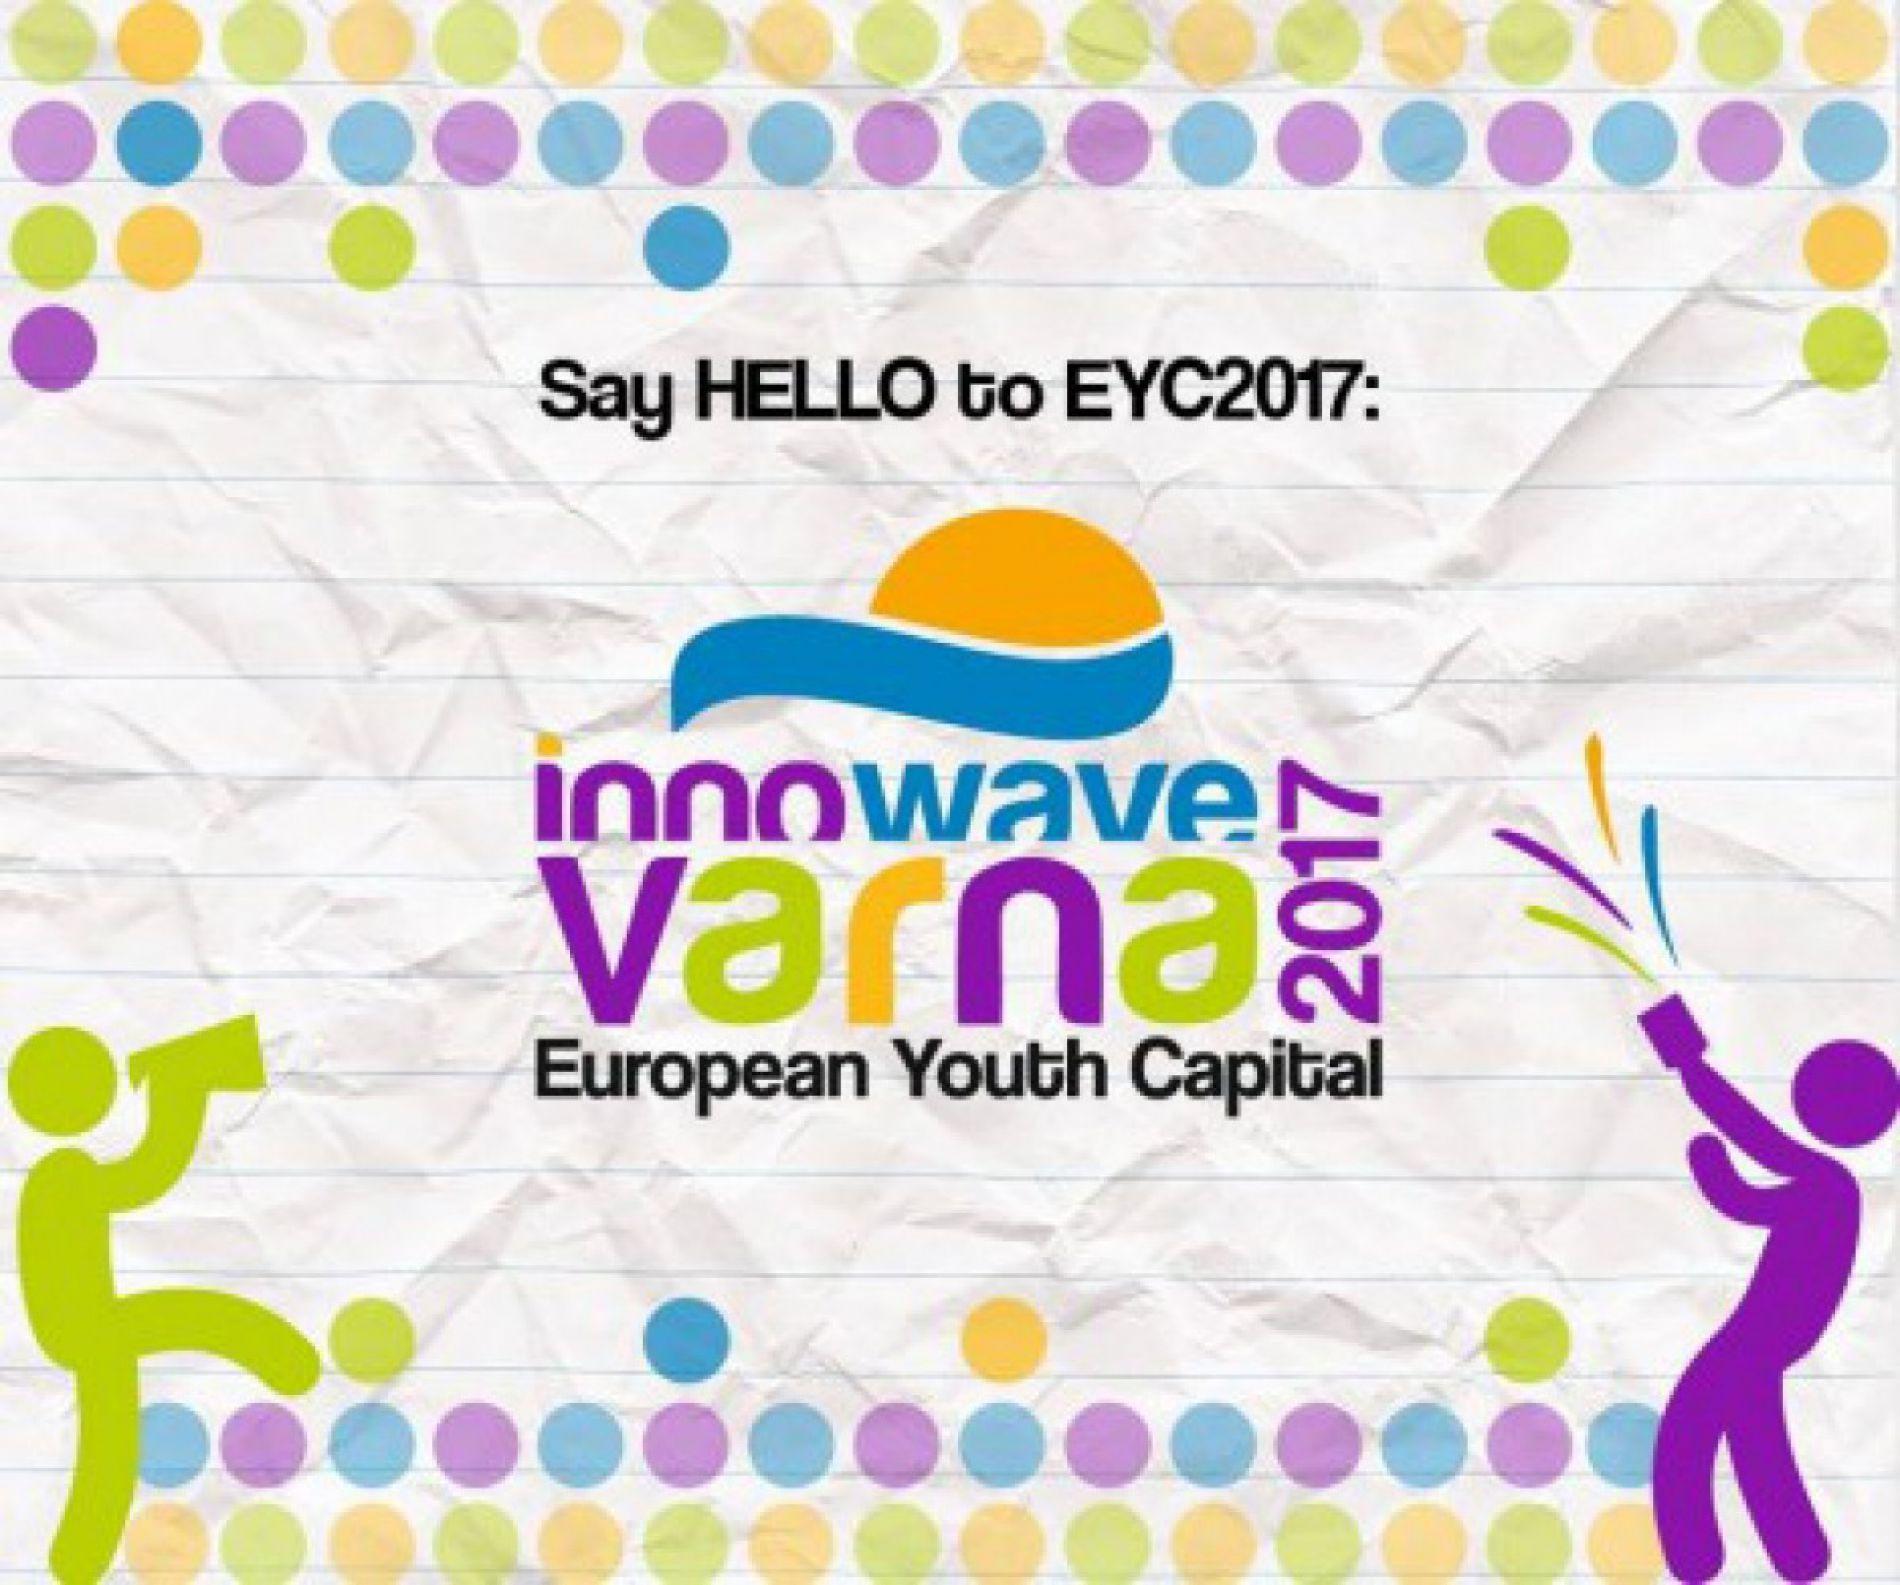 Варна будет Европейской молодежной столицей в 2017 году